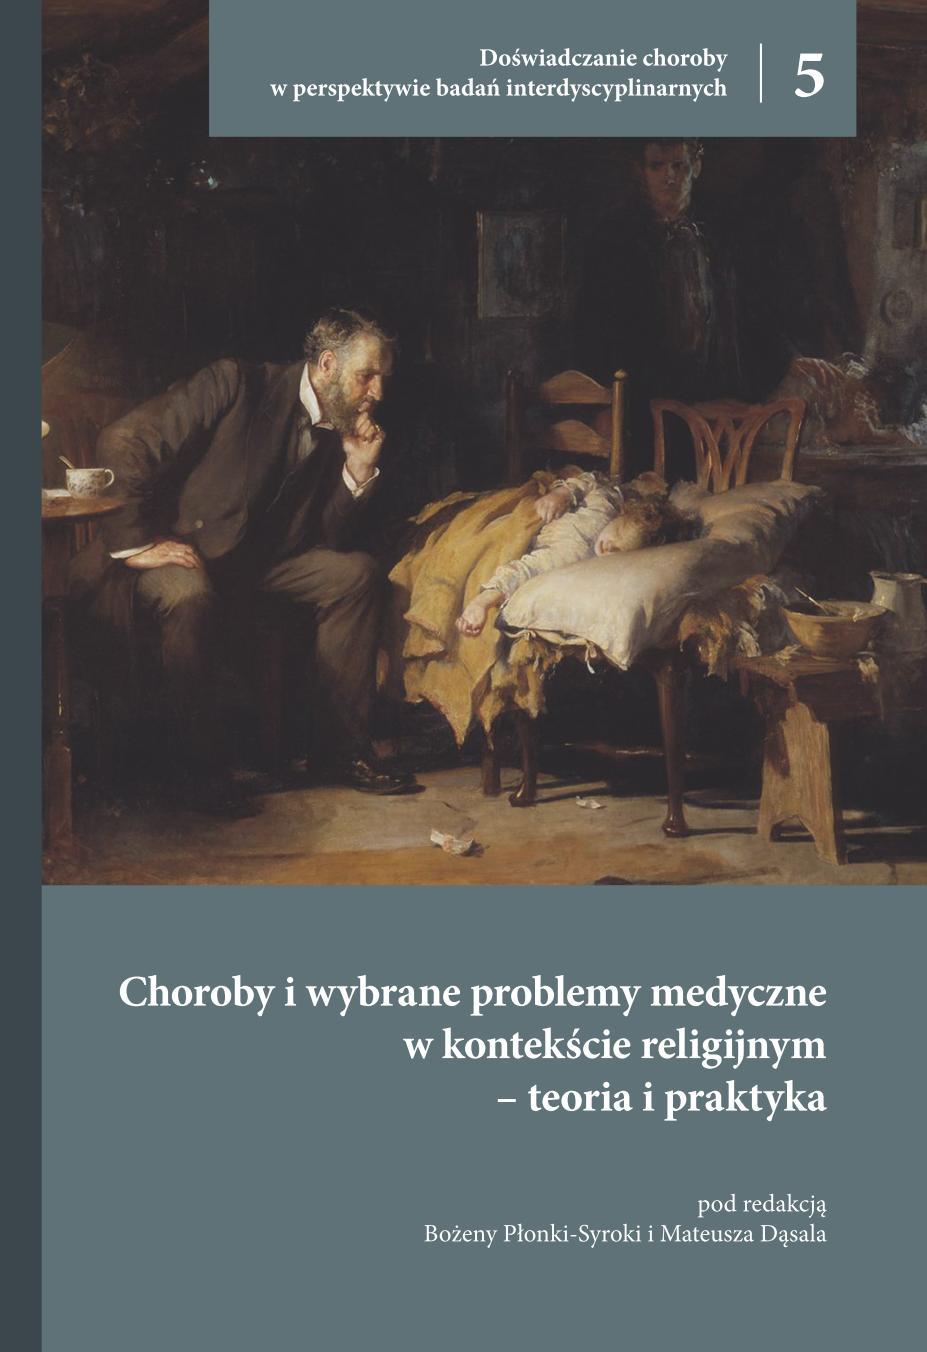 Doświadczanie Choroby w Perspektywie Badań Interdyscyplinarnych. Tom 5. Choroby i wybrane problemy medyczne w kontekście religijnym – teoria i praktyka